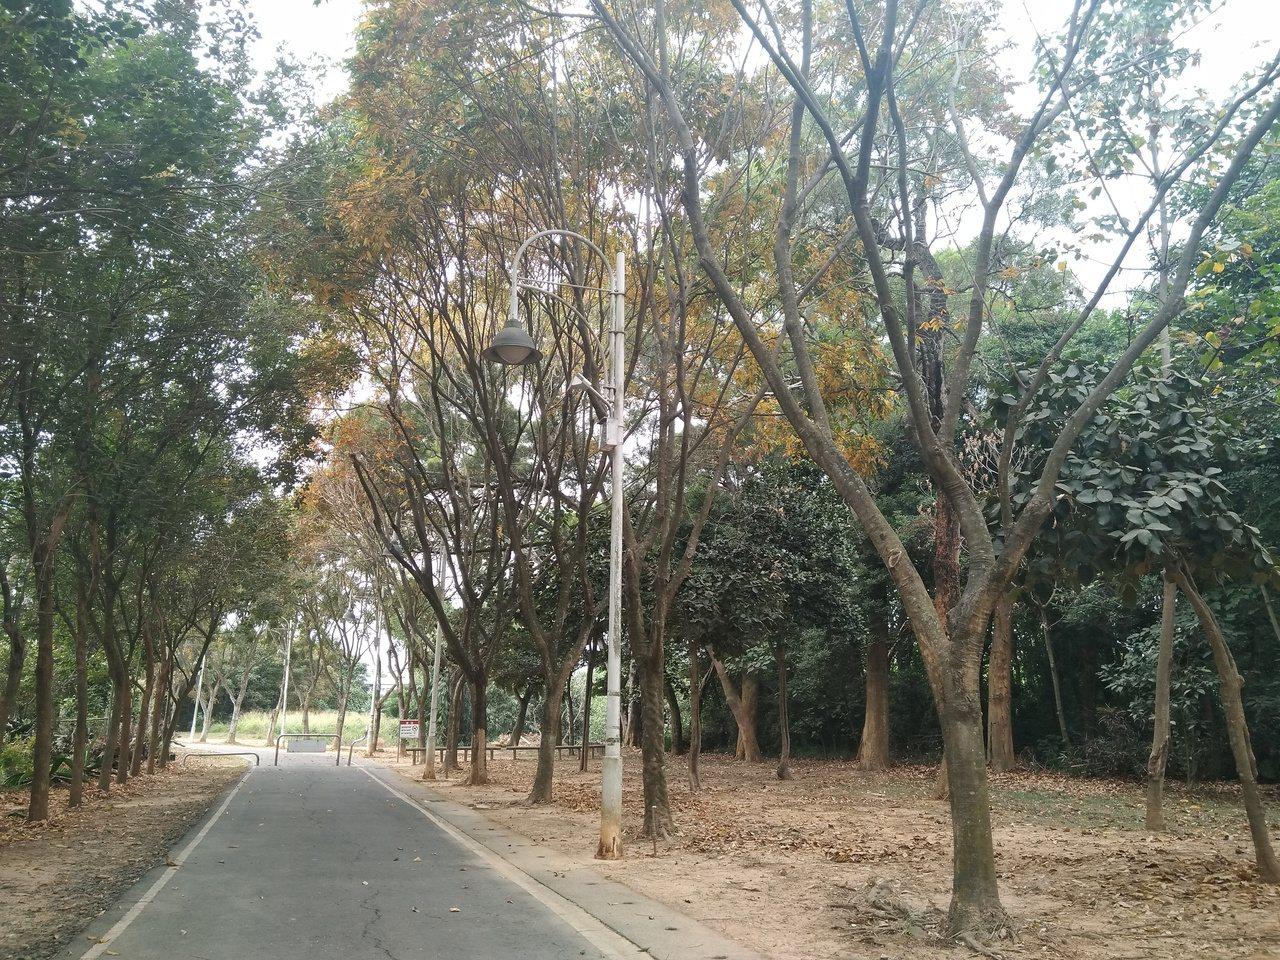 民雄森林公園內有片很美的落羽松森林,曾經是民雄的秘境,但後來因缺乏整治,較少民眾...